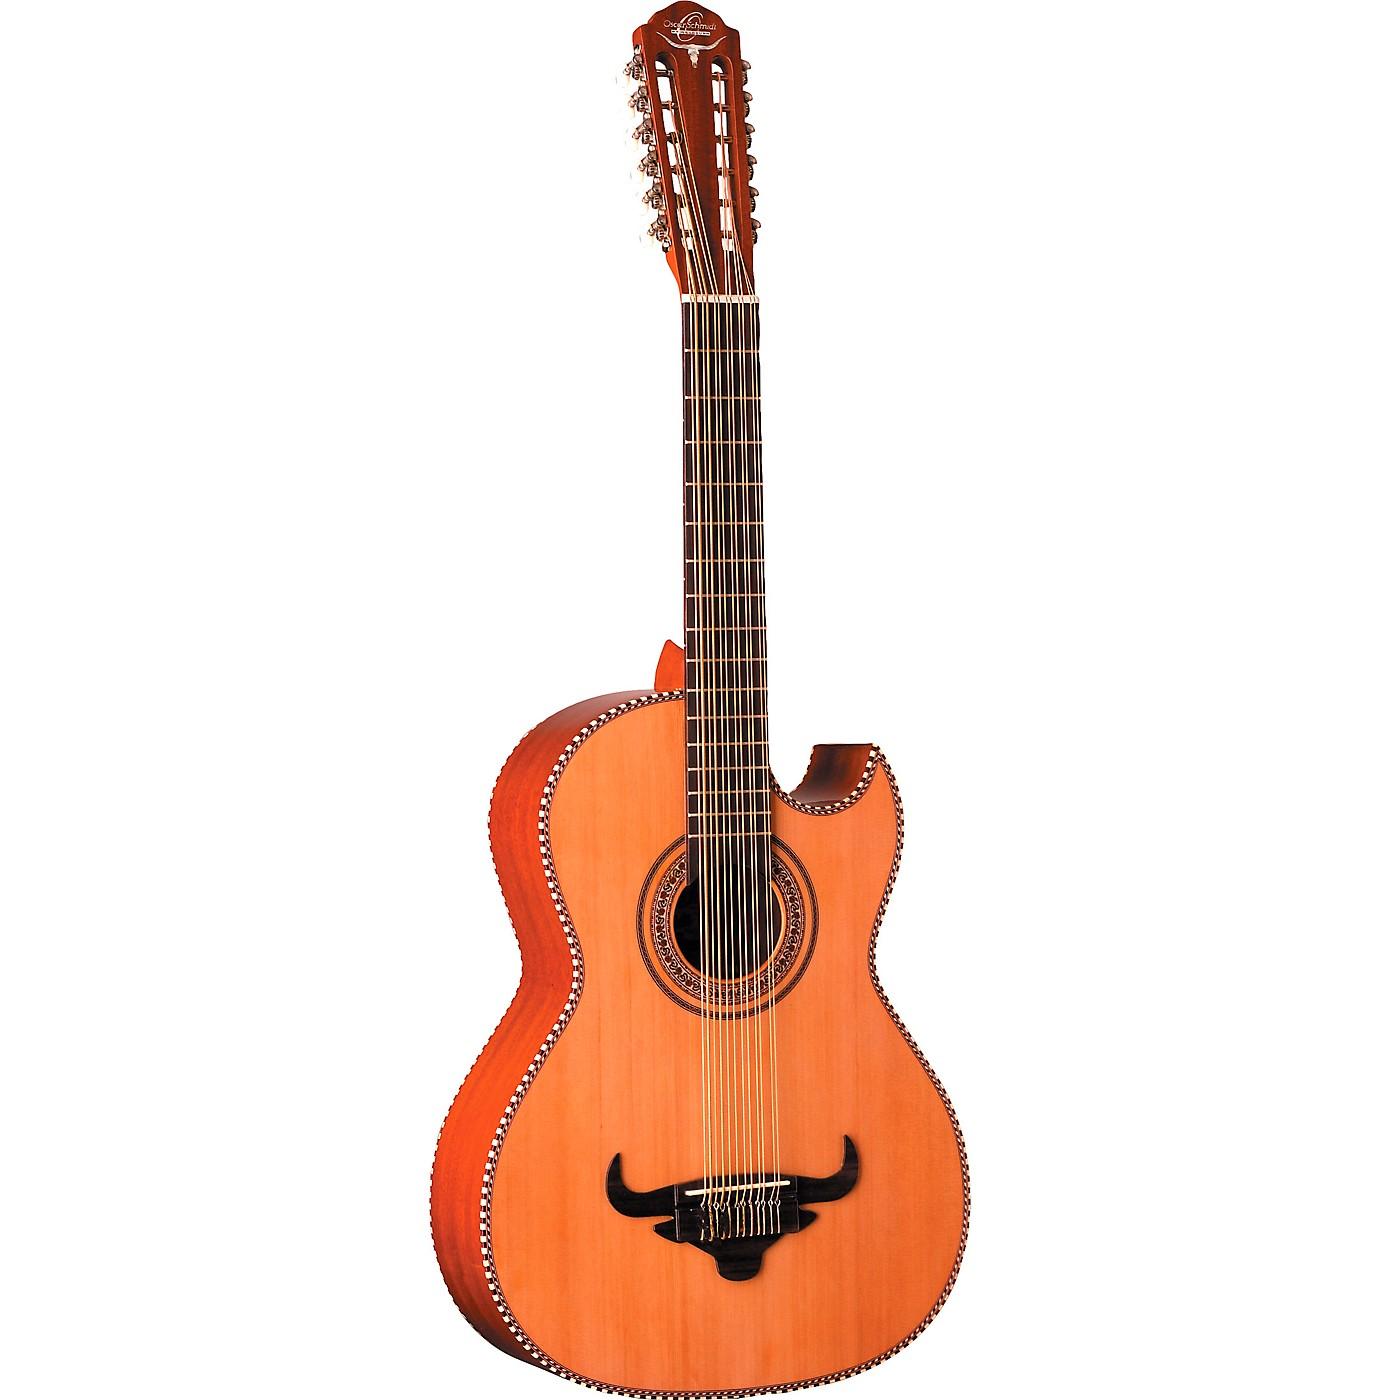 Oscar Schmidt OH50S-O Acoustic Bajo Sexto 12 String Guitar thumbnail